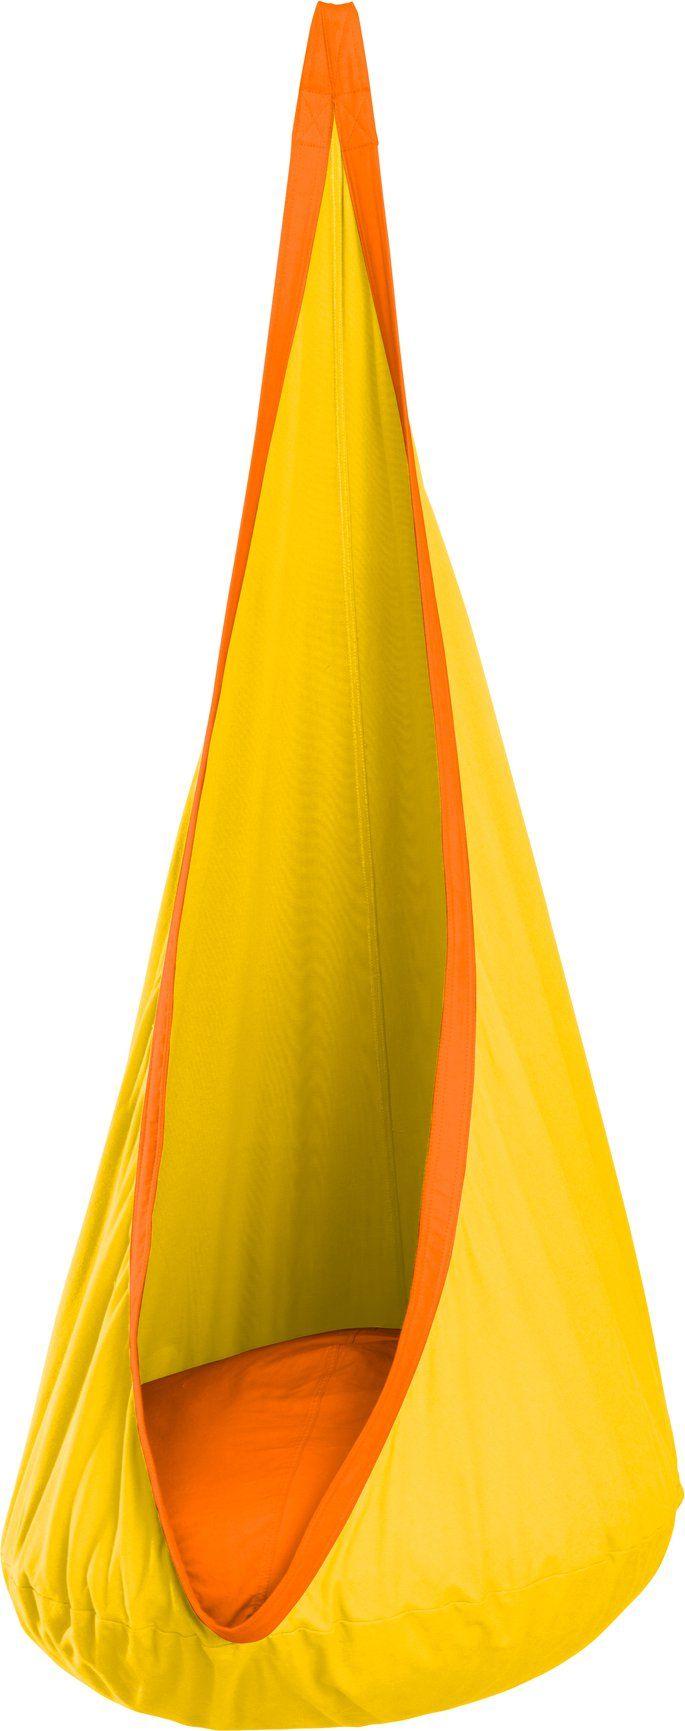 La Siesta Joki Kraaiennest  La Siesta Joki Kraaiennest Dit kraaiennest van La Siesta is een feest voor jonge kinderen. De hangstoel gemaakt van 100% katoen kan gebruikt worden om heerlijk in te luieren om aan te hangen om jezelf in te verstoppen of om fantastisch mee heen en weer te slingeren als een schommel. De mogelijkheden die de Joki biedt zijn werkelijk eindeloos. Binnenin vind je een zeer dik en heel comfortabel kussen in een stralende vrolijke kleur. De La Siesta Joki is geschikt…